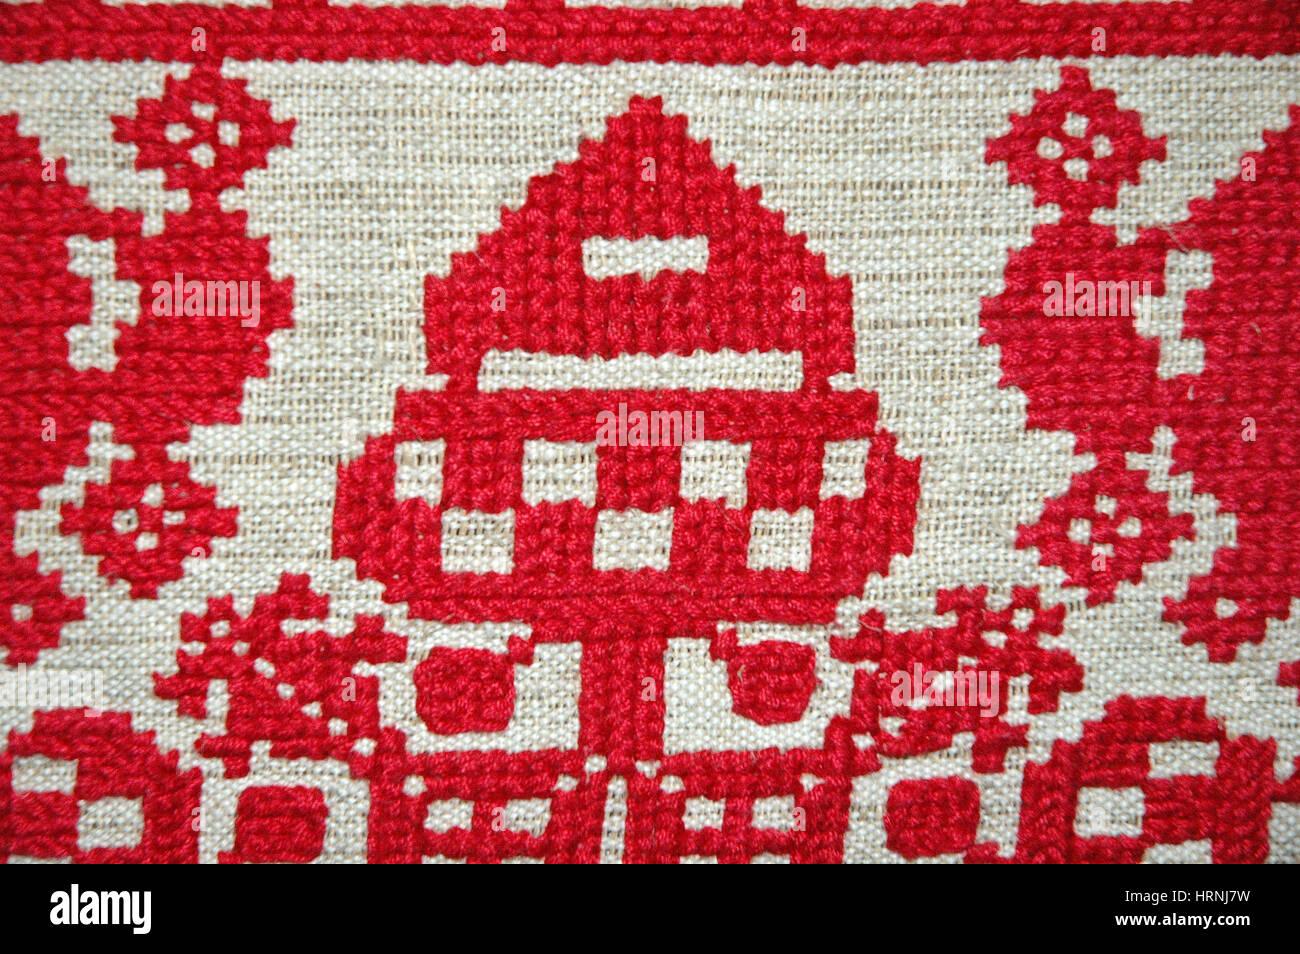 Embroidery Fancy Work Stock Photo 135084989 Alamy